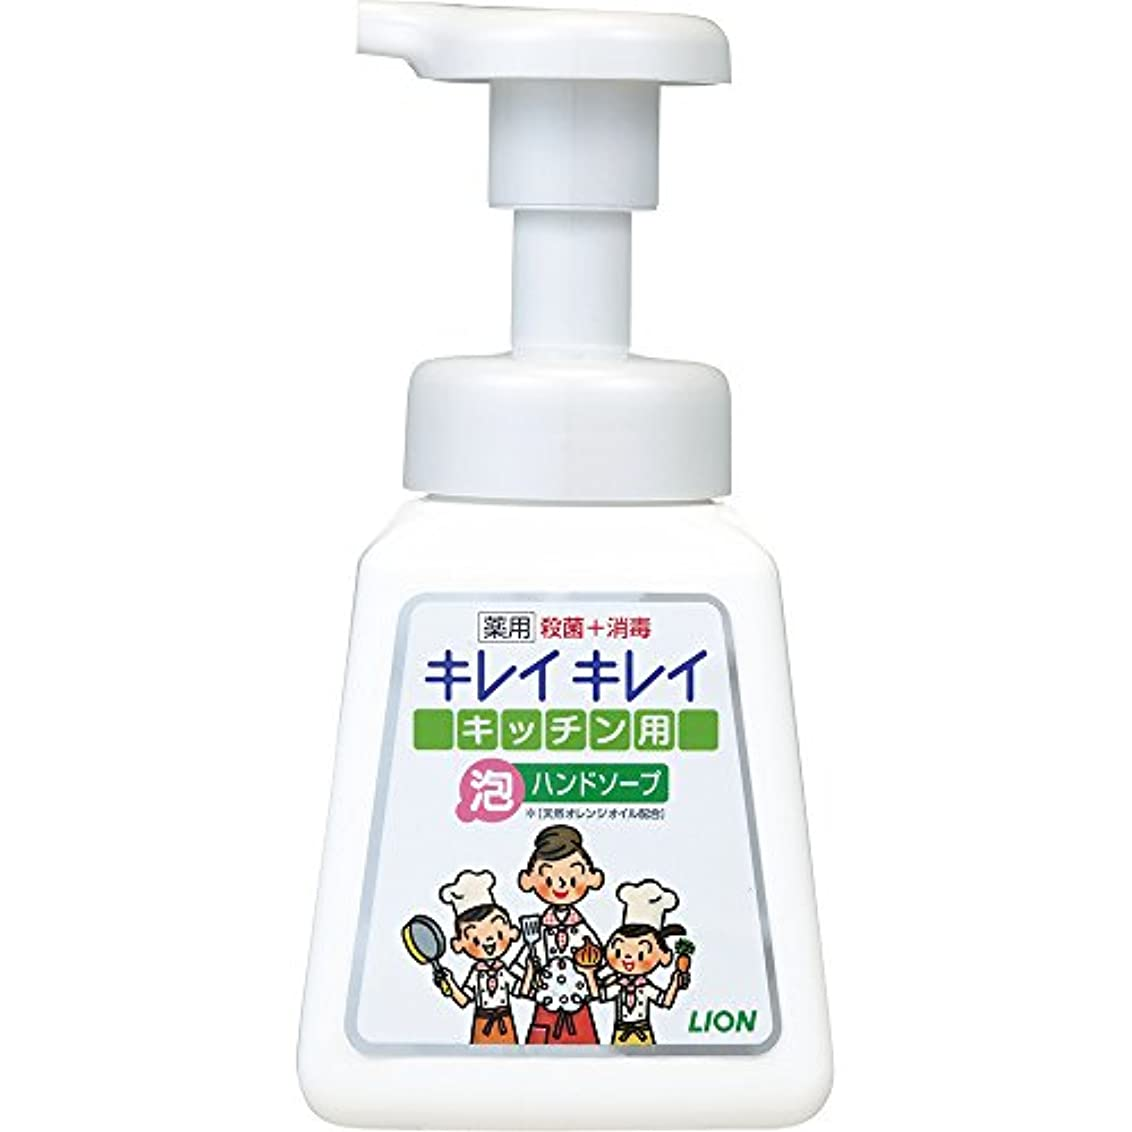 冷蔵するひねり足枷キレイキレイ 薬用 キッチン泡ハンドソープ 本体ポンプ 230ml(医薬部外品)